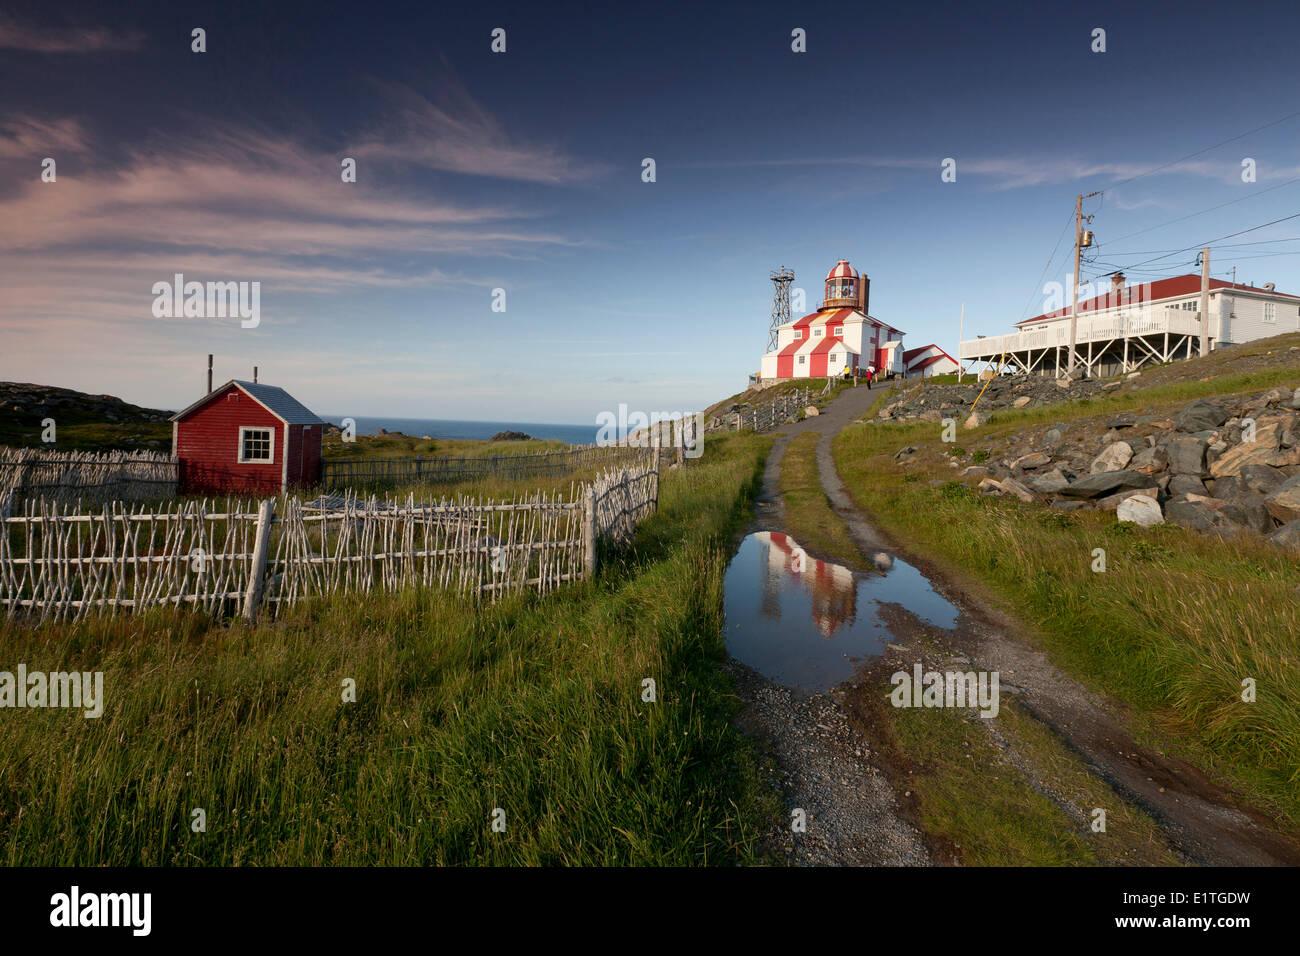 Cape Bonavista Lighthouse Provincial Historic Site of Newfoundland and Labrador, Canada - Stock Image